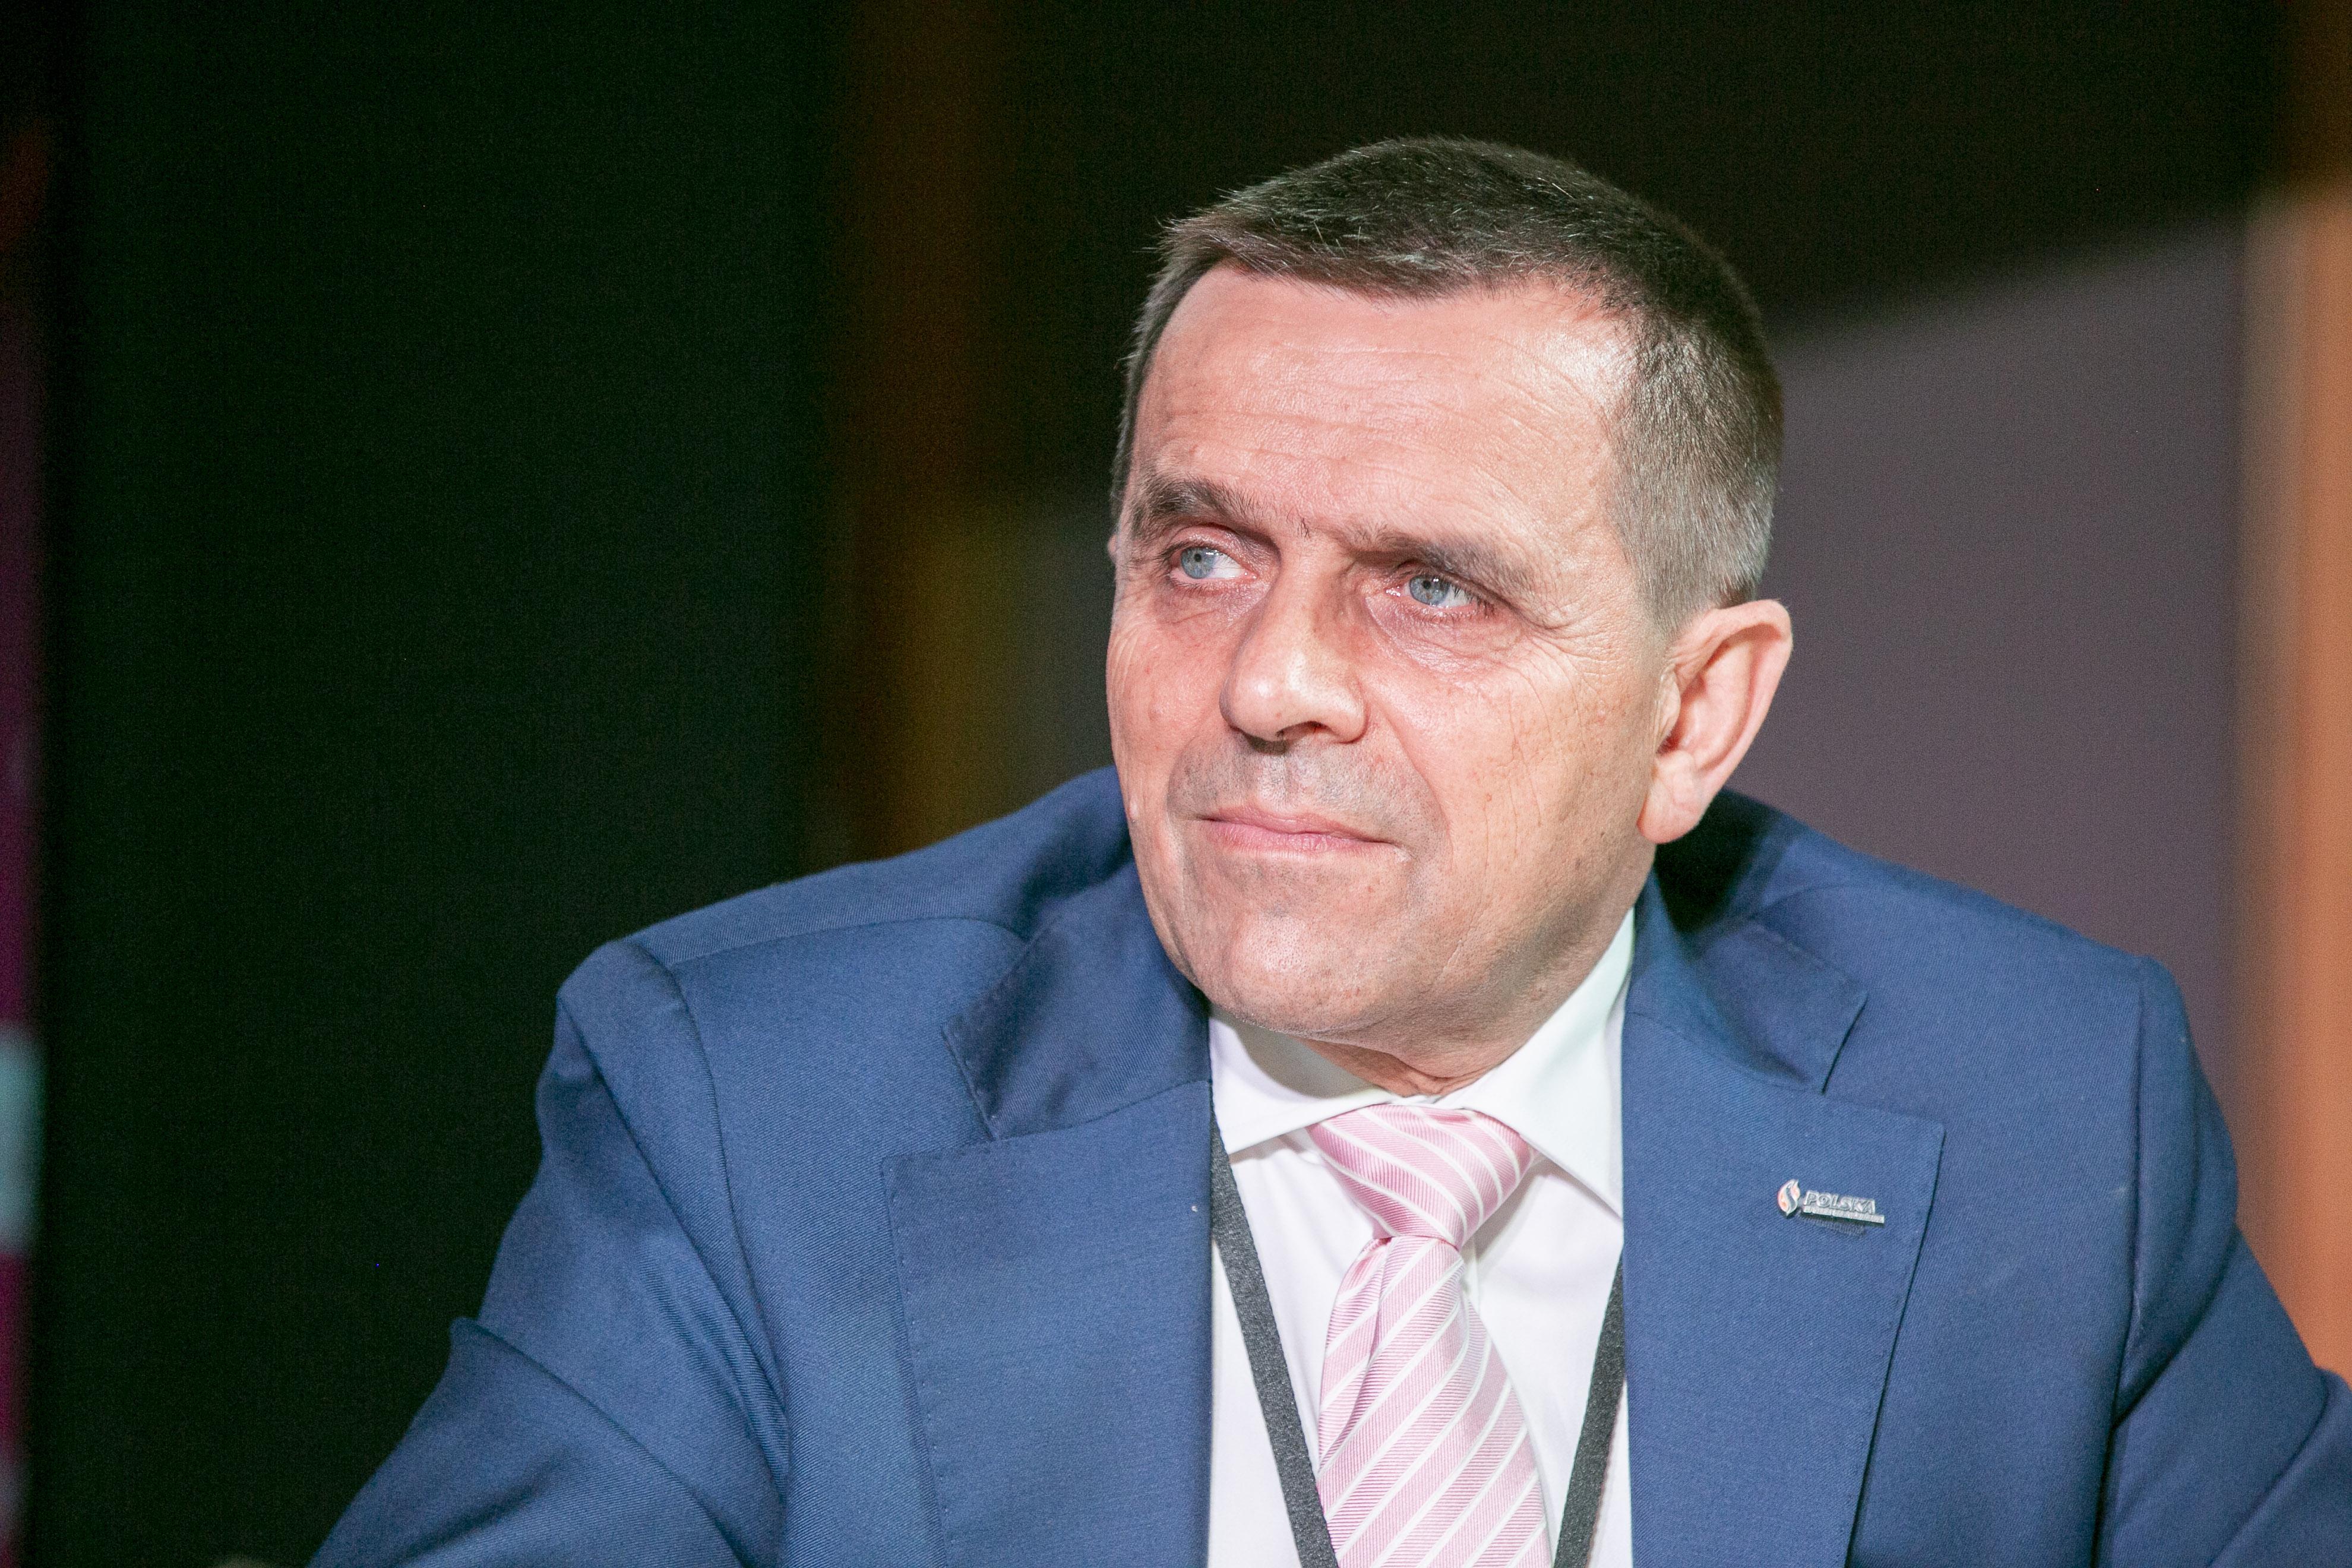 Prezes Polskiej Spółki Gazownictwa Marian Żołyniak (Fot. PTWP)